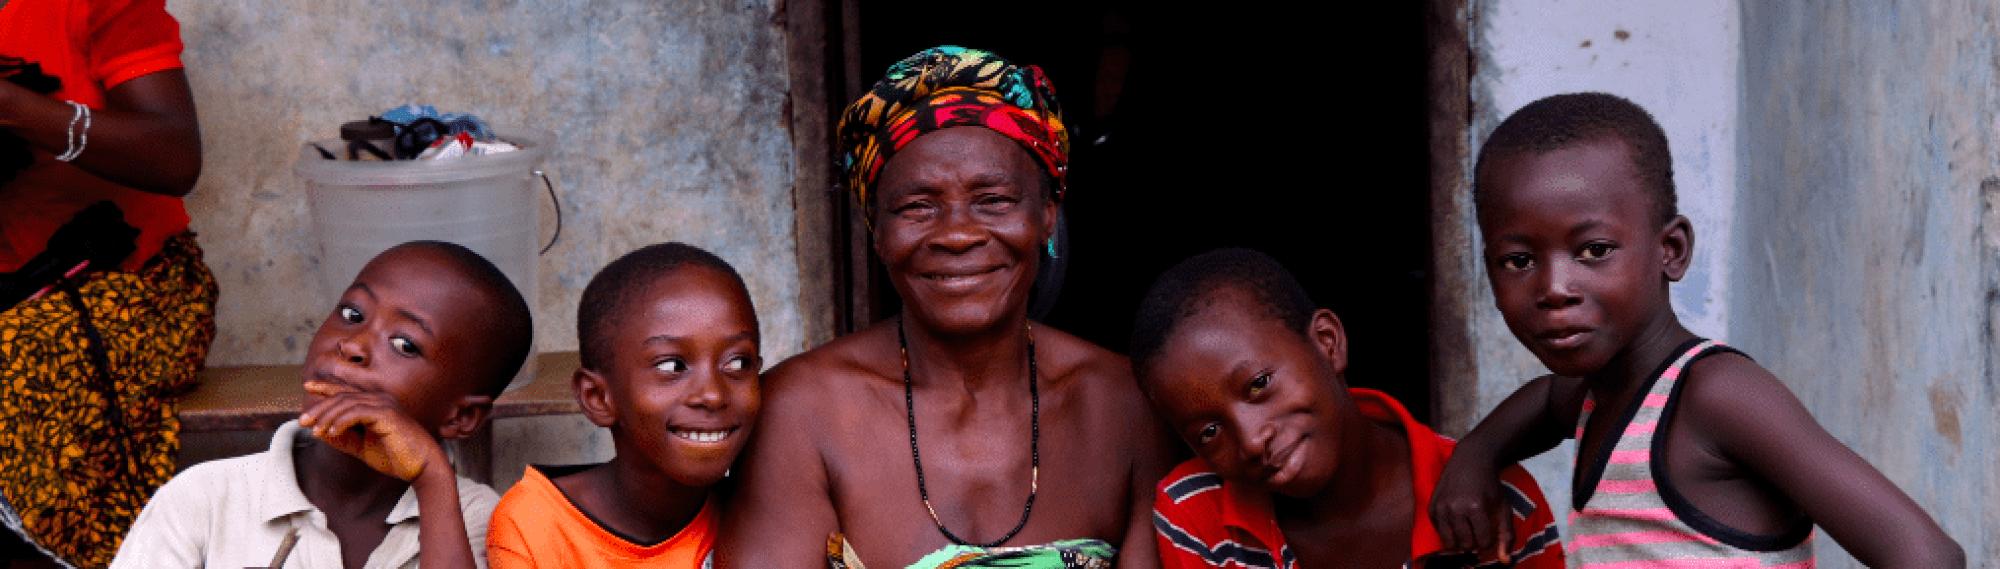 Mothers of Sierra Leone: